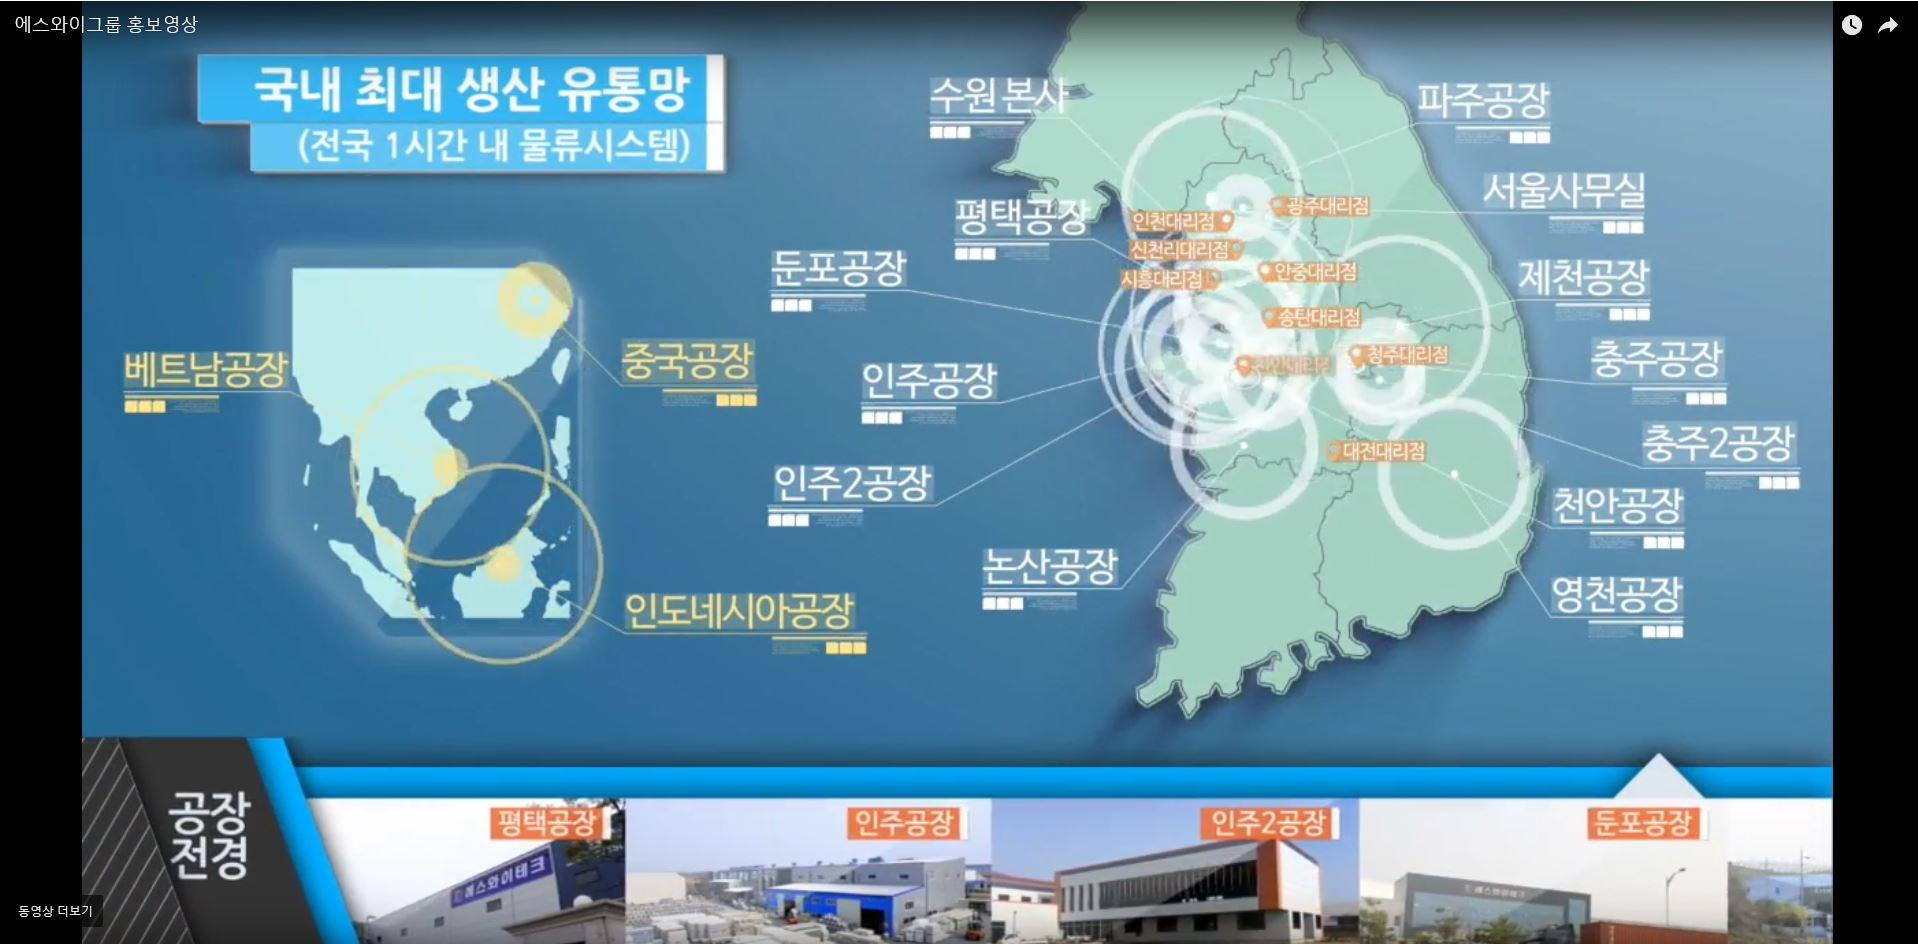 2016 에스와이그룹 홍보영상(국문)